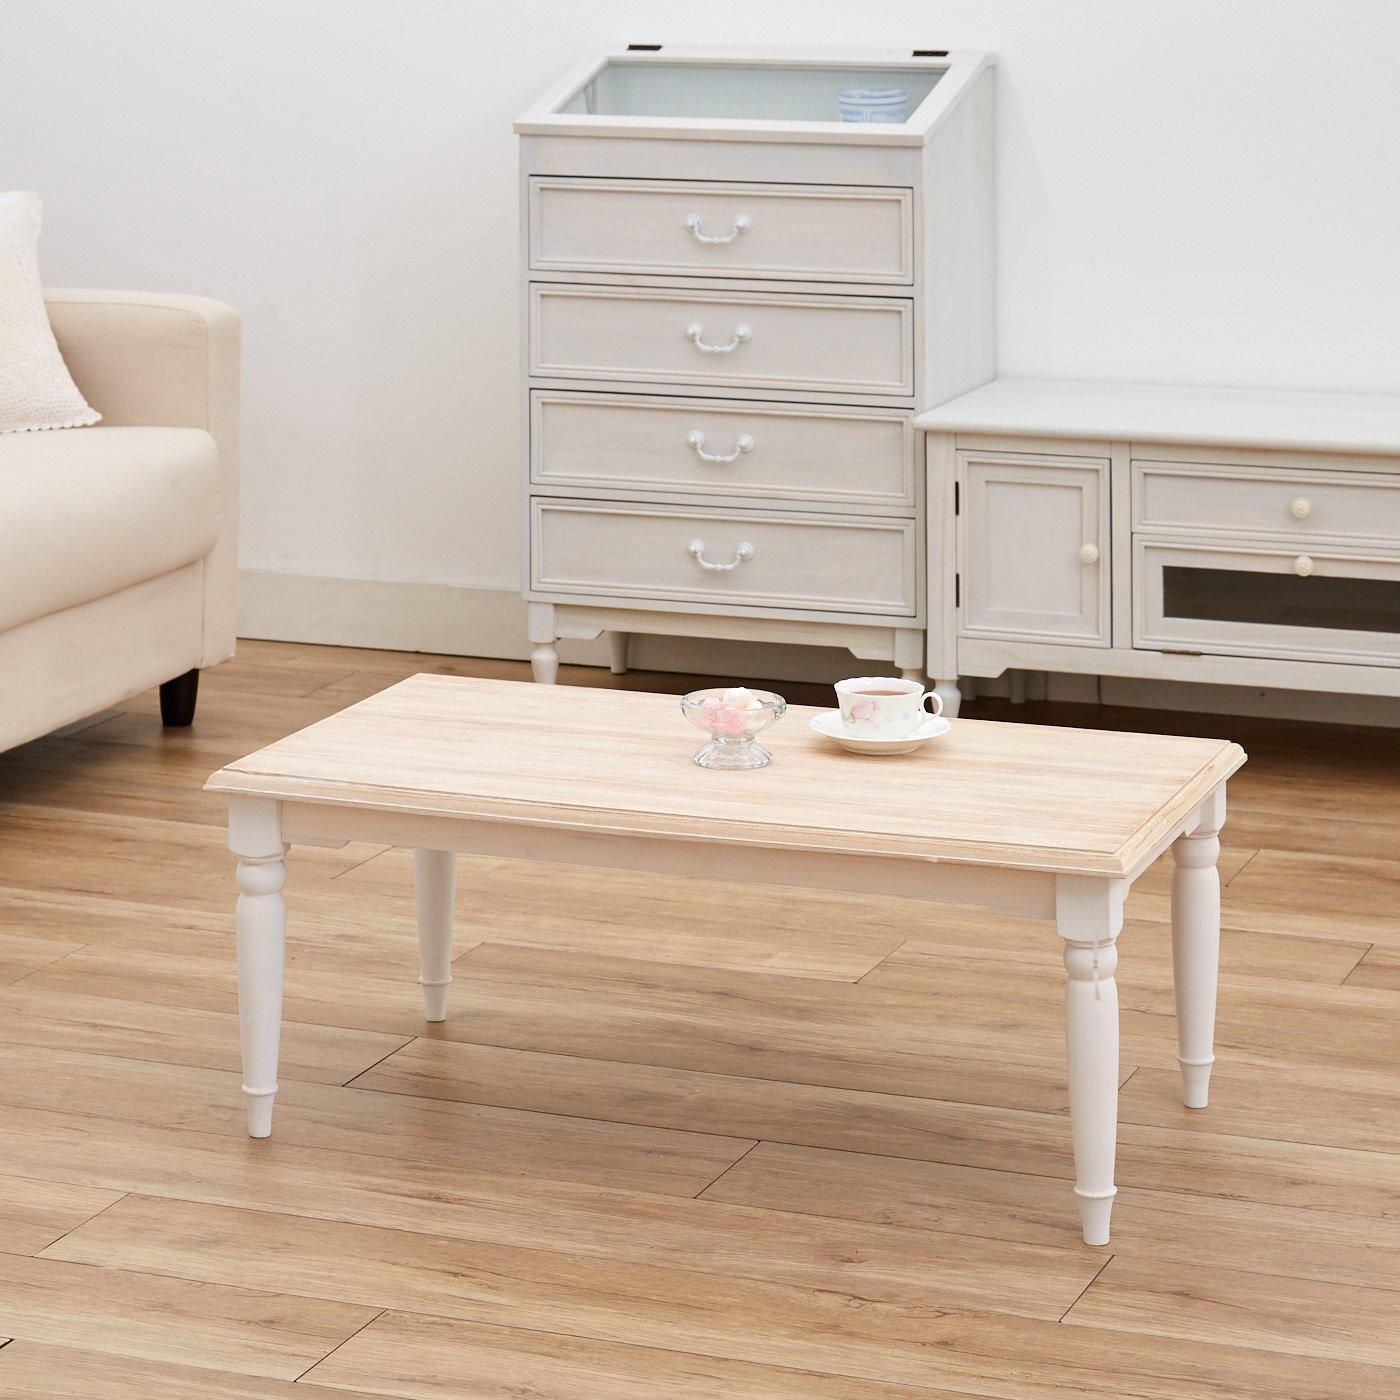 私らしい心地のいい家具 上品ローテーブル〈ナチュラル〉